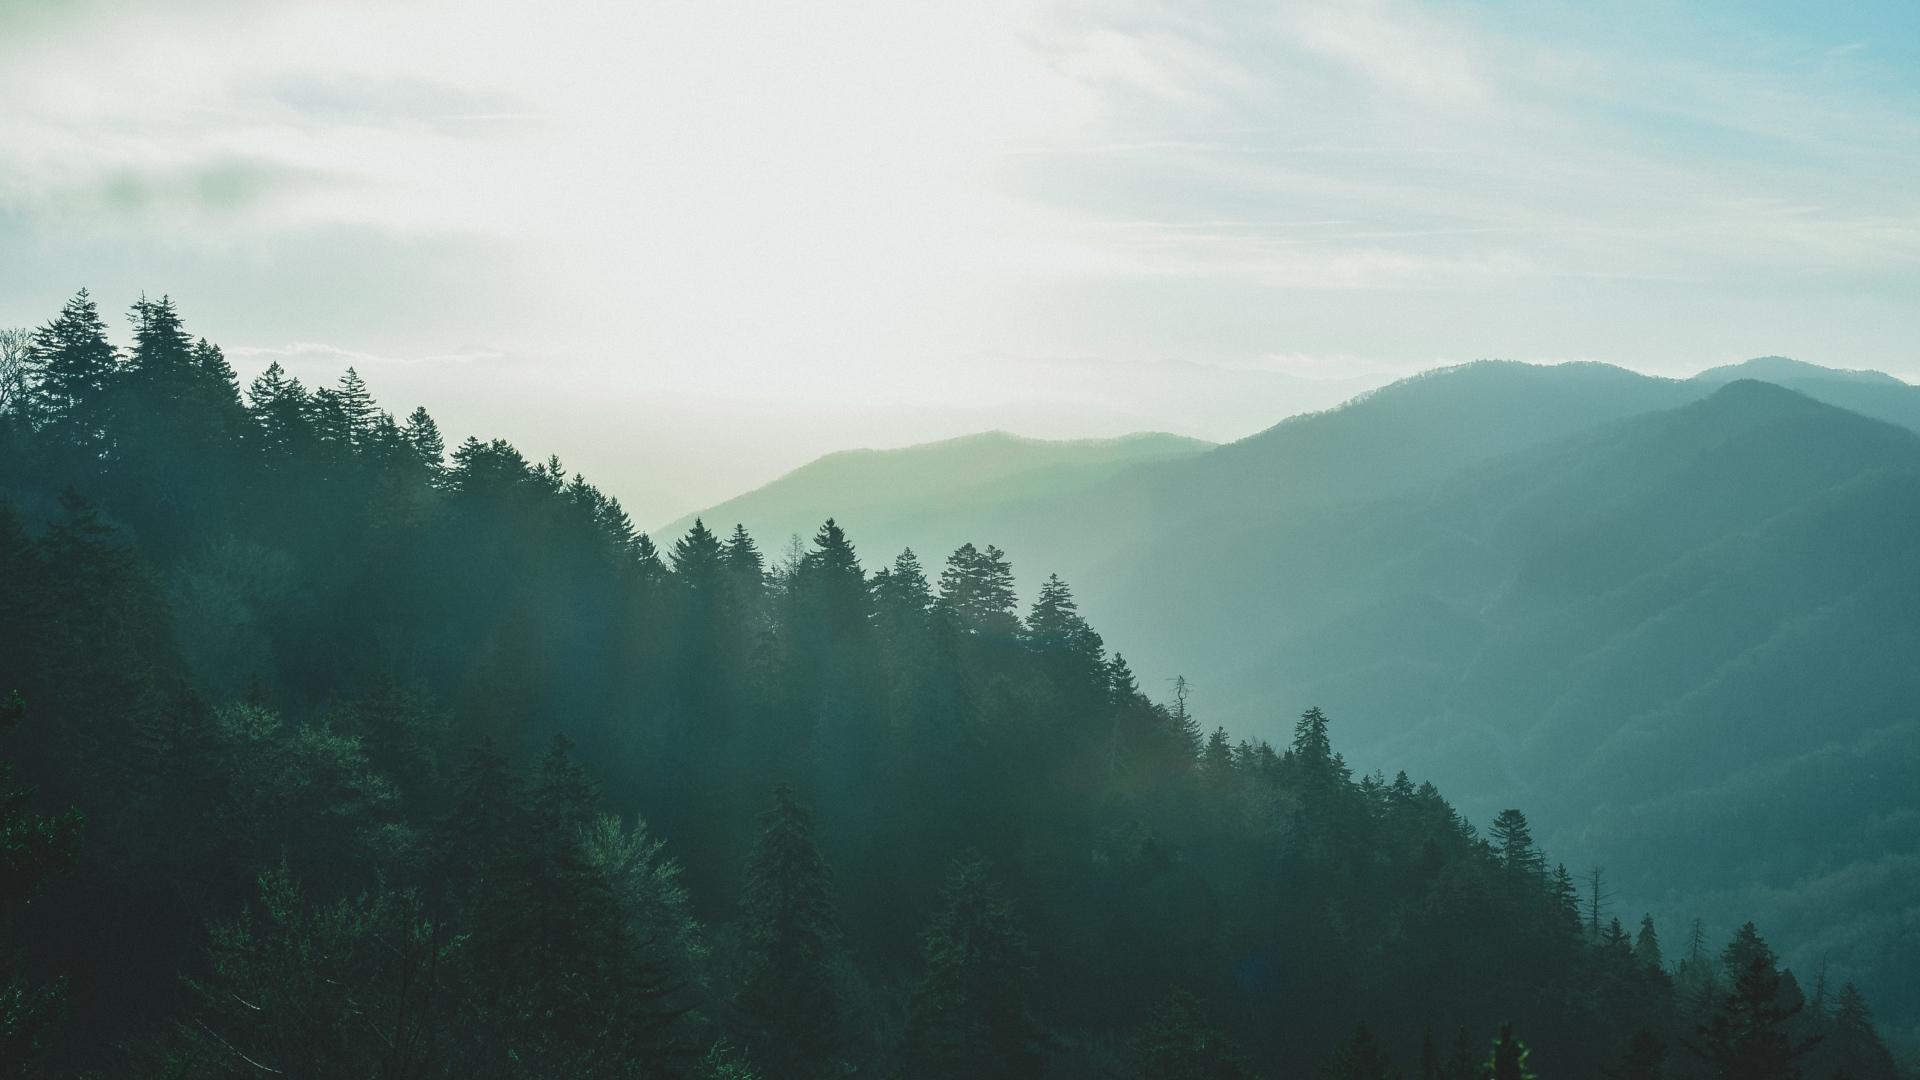 雾下朦胧的风景图片高清桌面壁纸